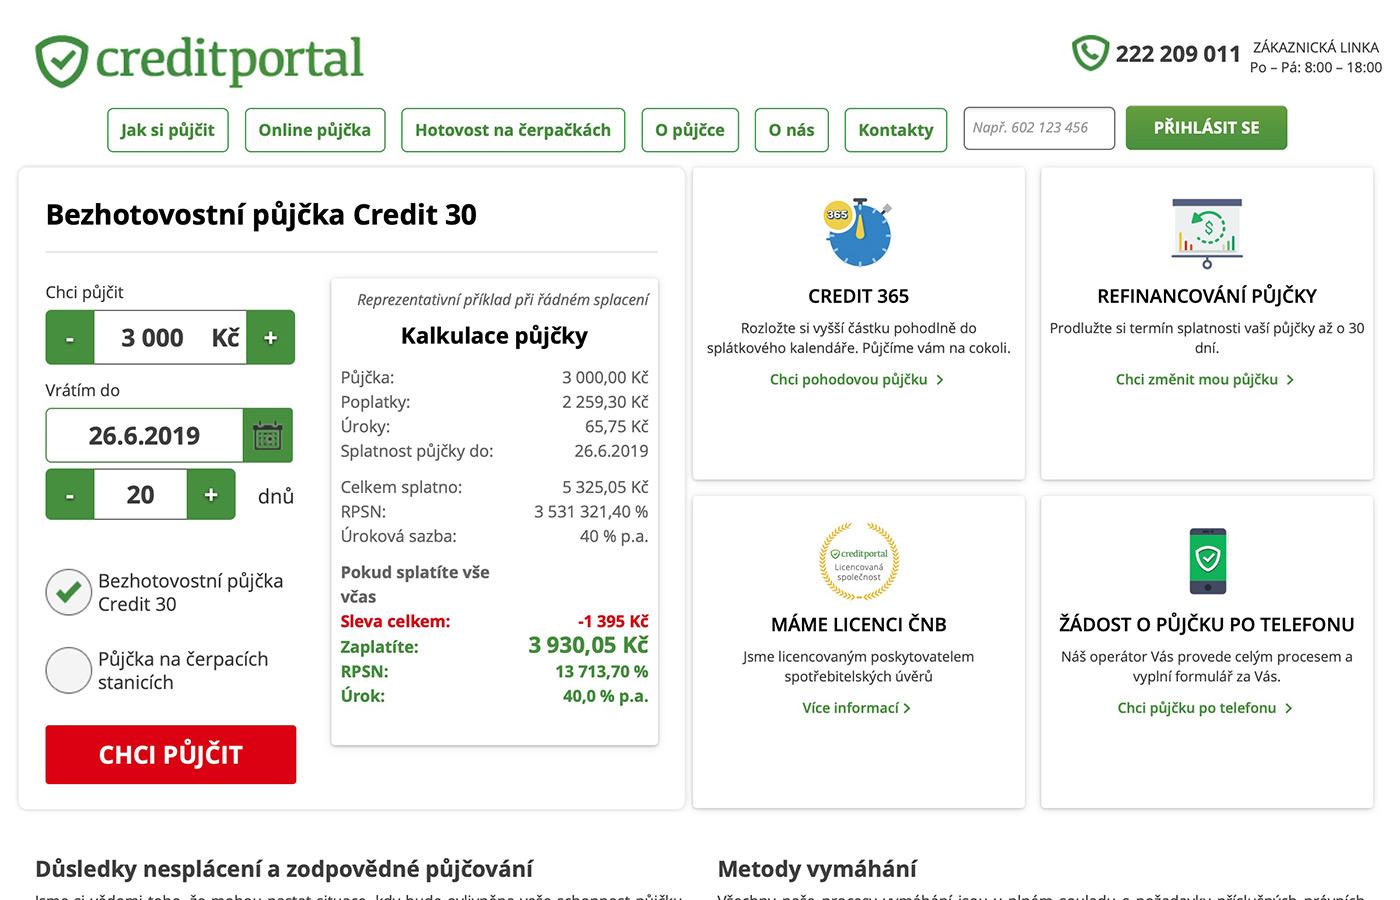 Náhled webových stránek www.creditportal.cz/cs/kb/hotovostni-pujcka-na-cerpackach